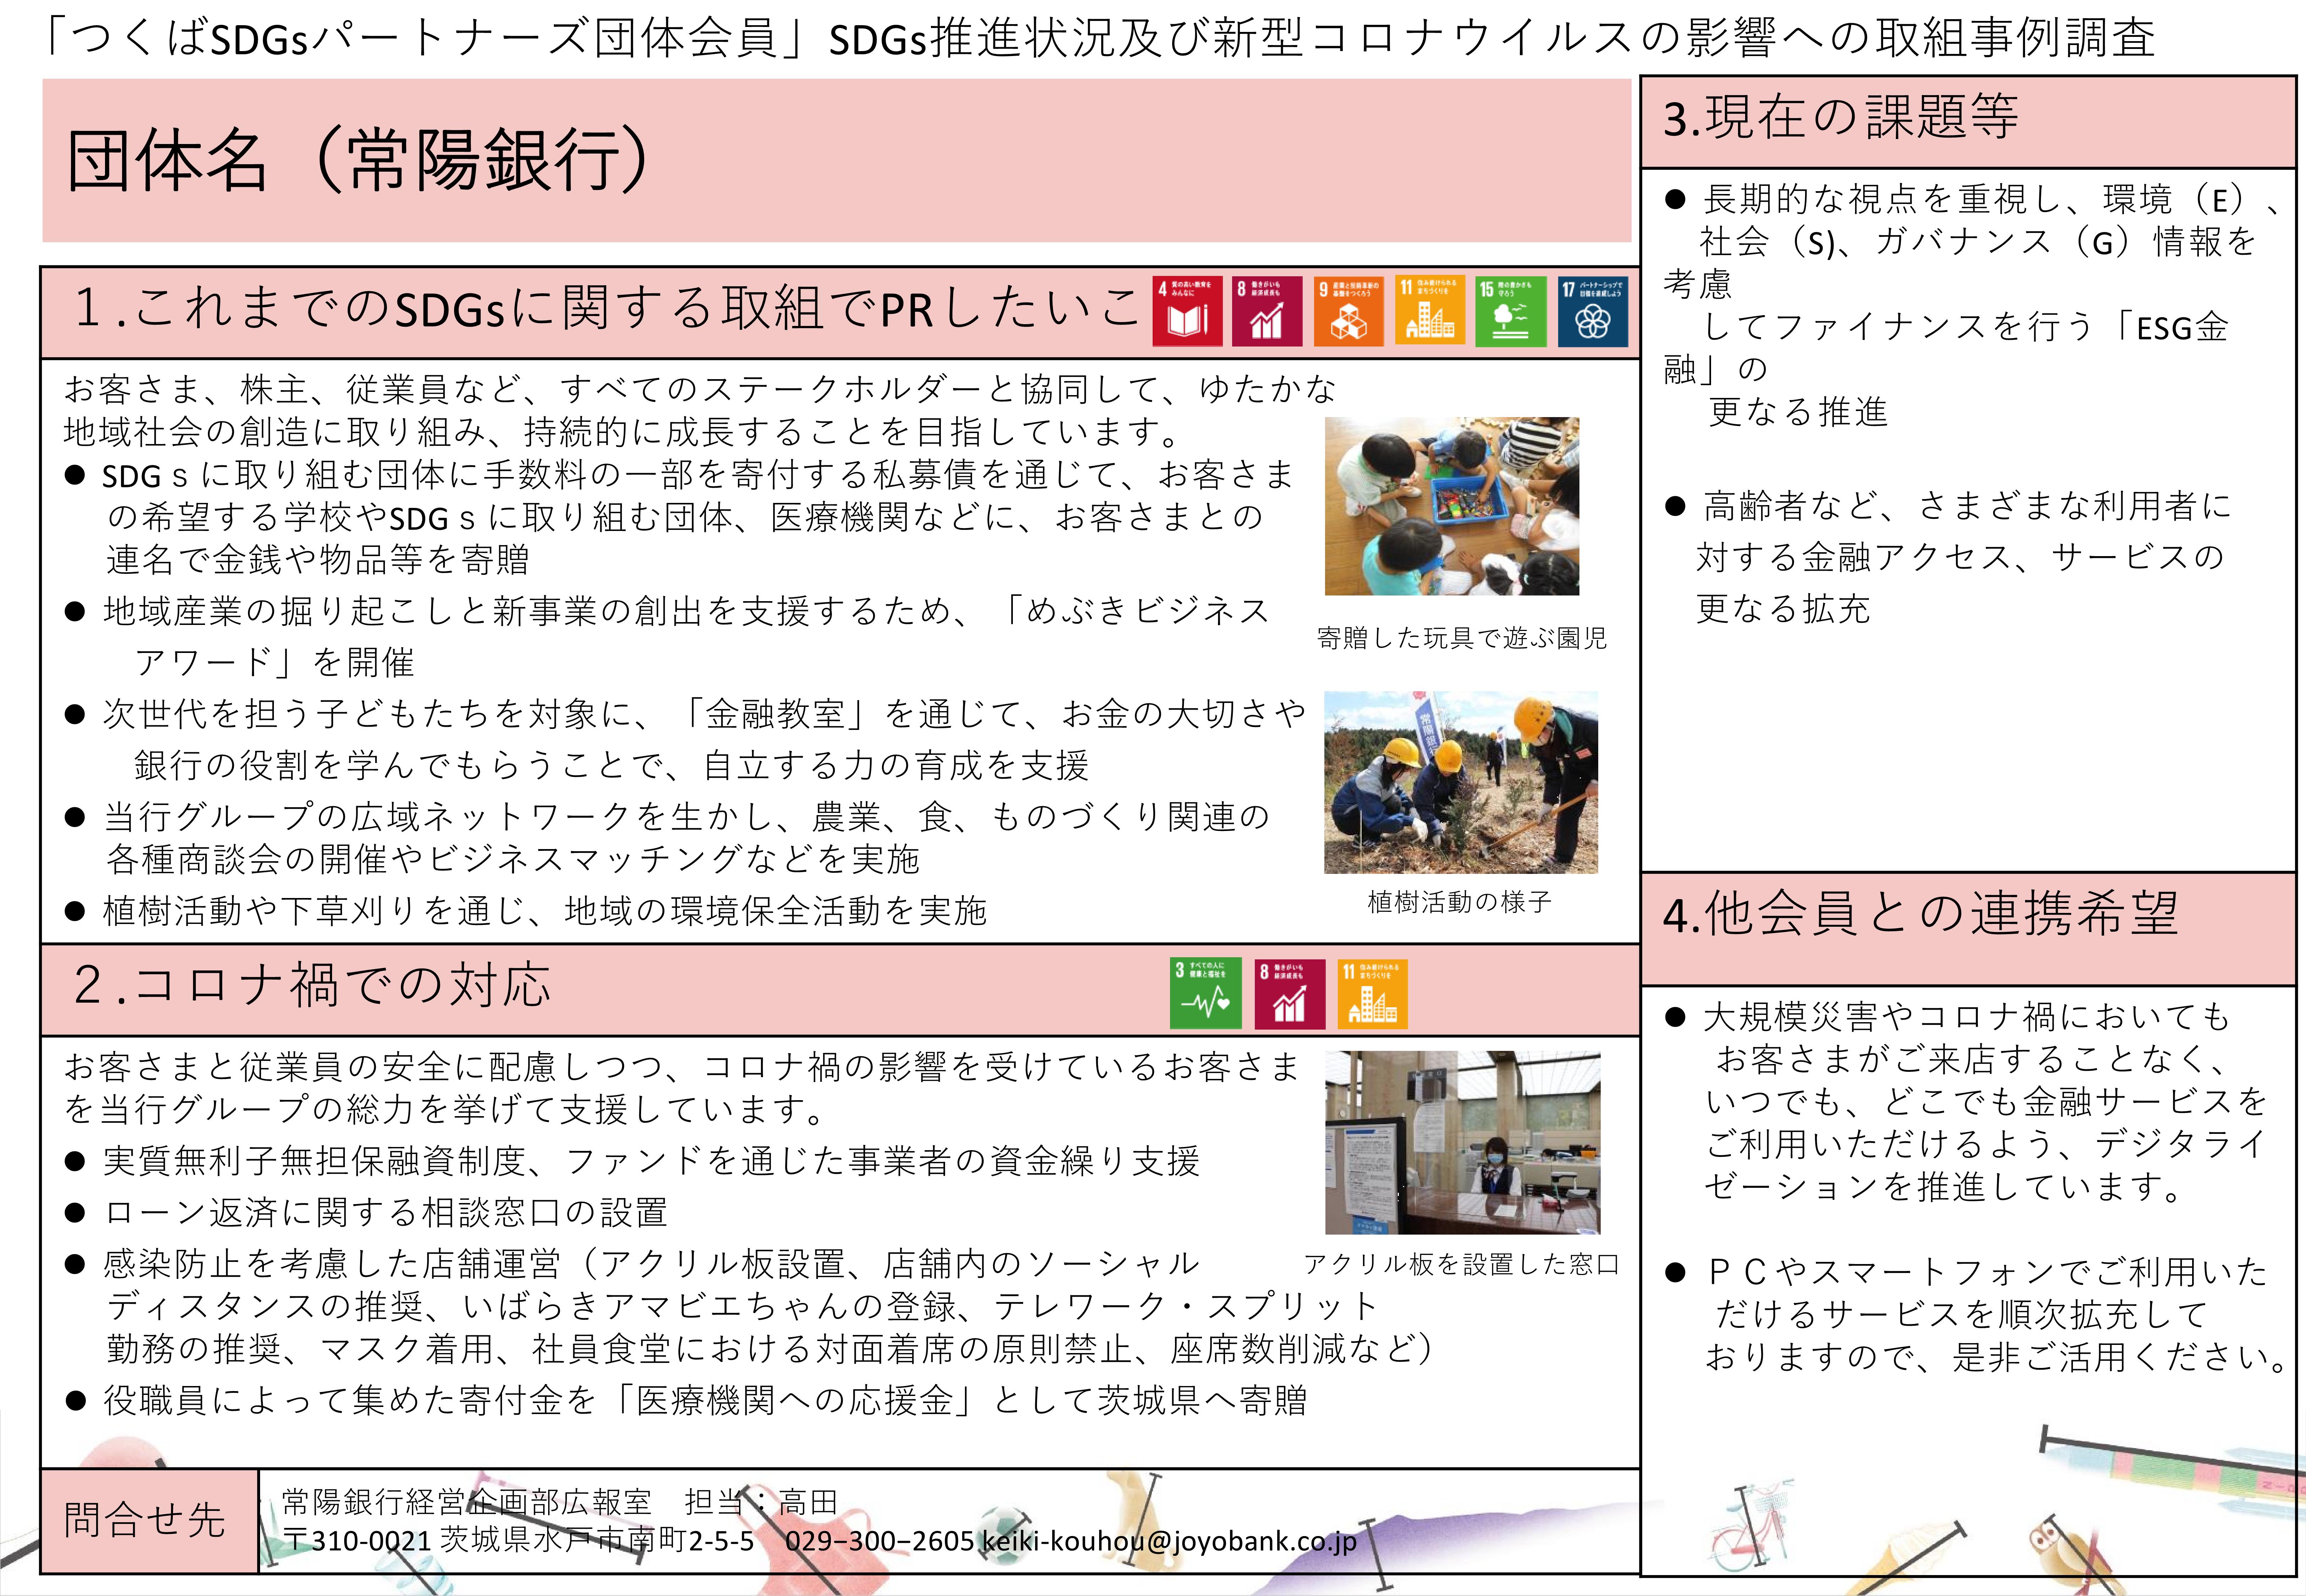 010_株式会社常陽銀行